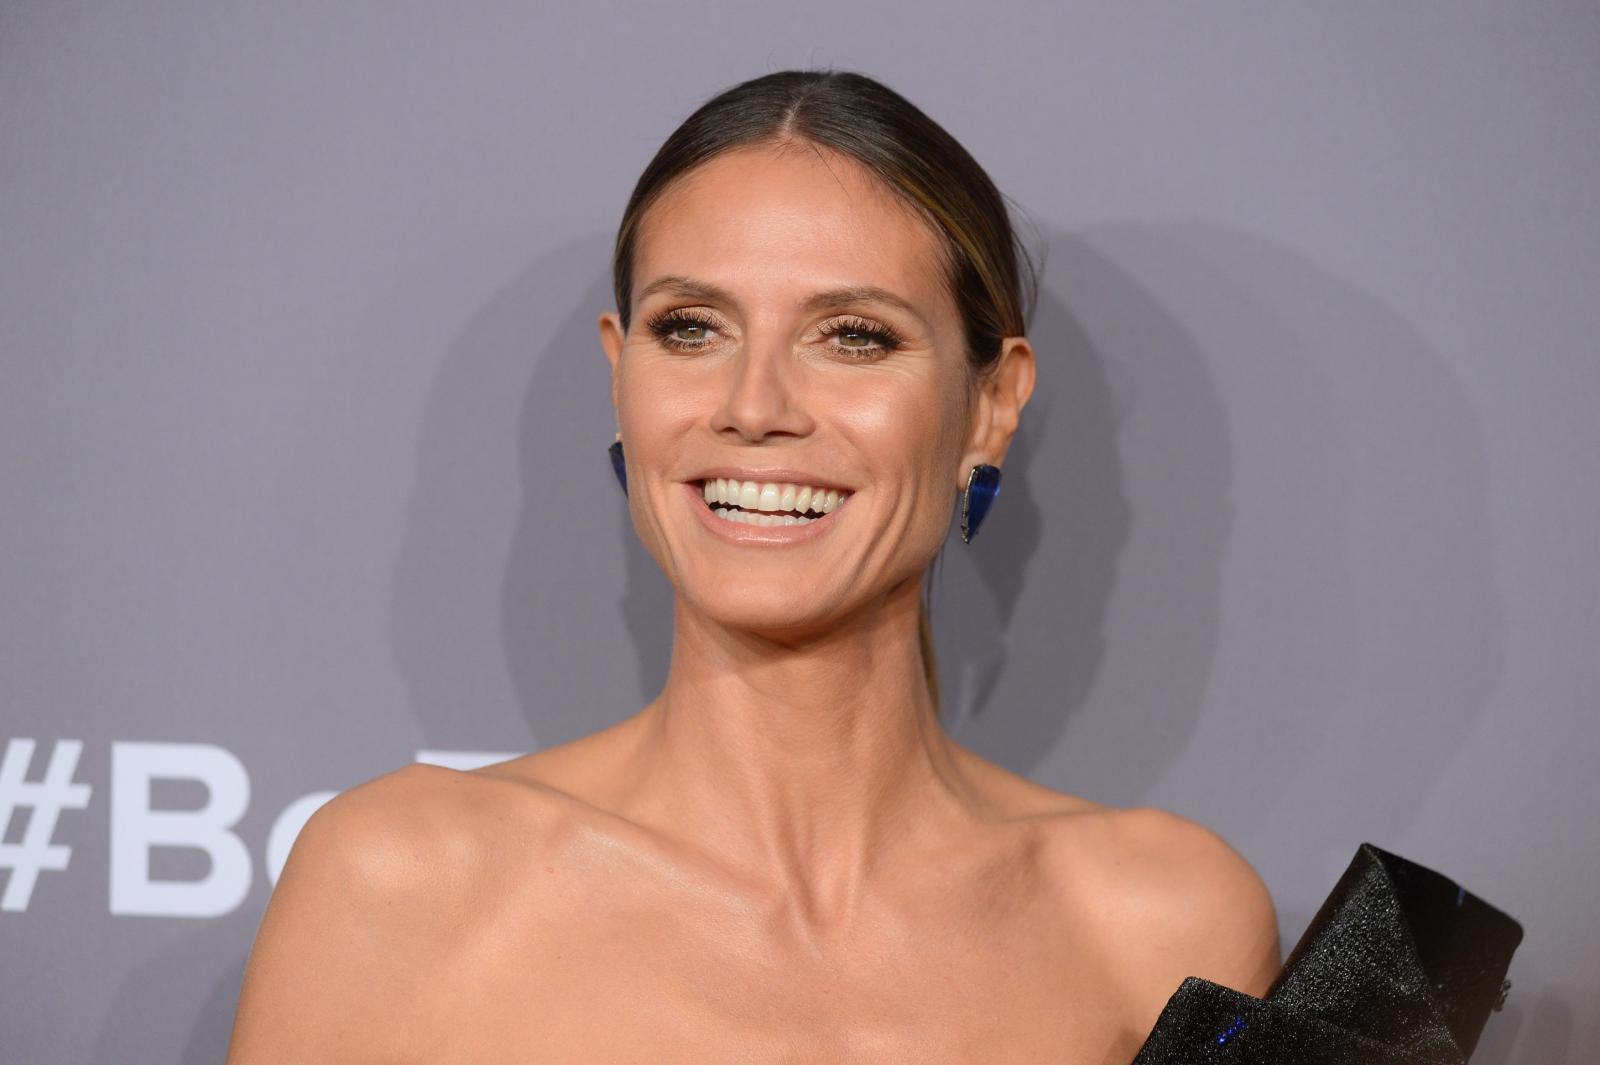 Iako su joj 44 godine, manekenka Heidi Klum ima zapanjujuće čvrsto i vitko tijelo. Znate li u čemu je tajna?